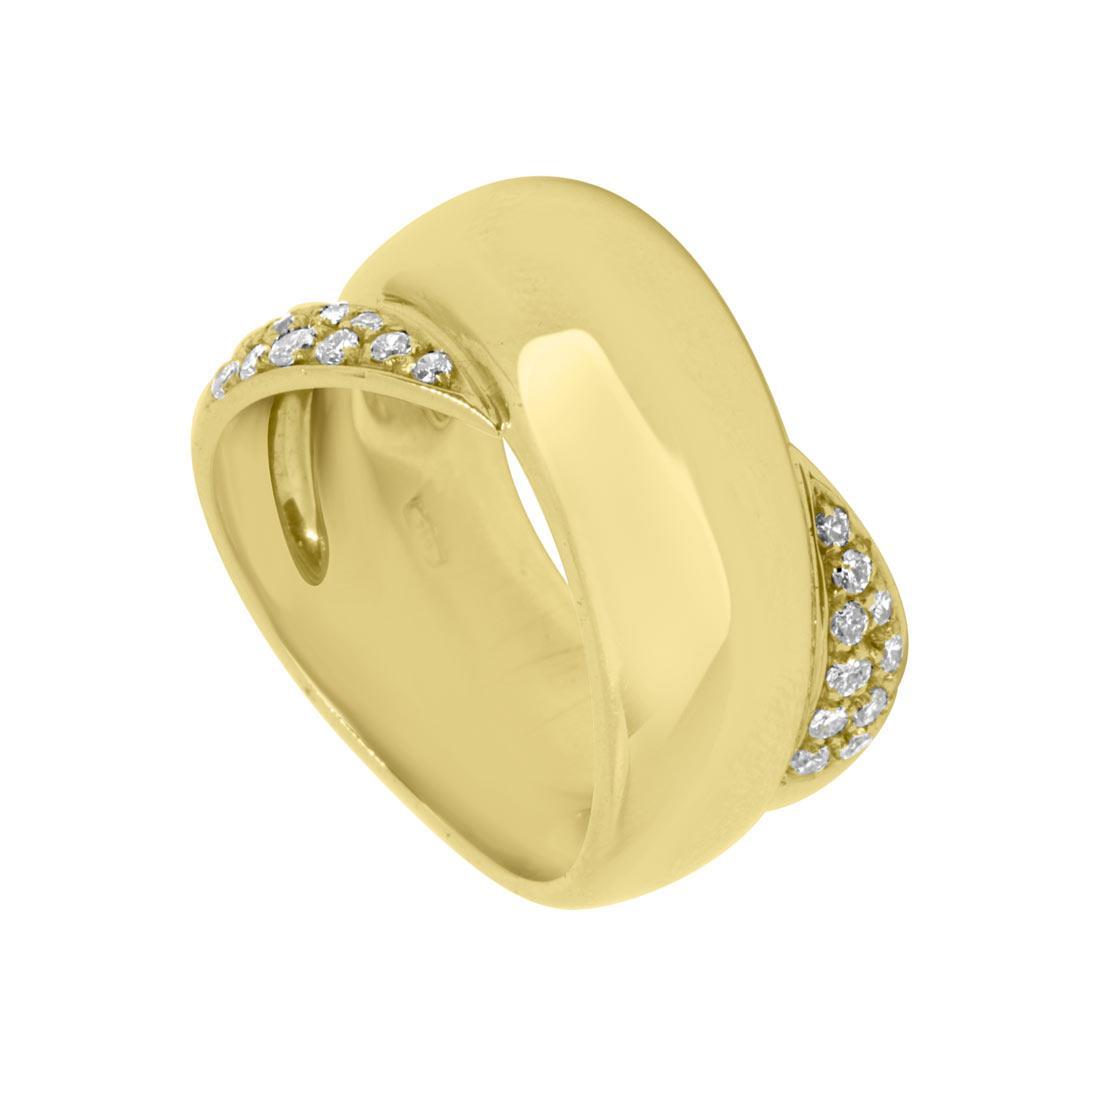 Anello a fascia con intreccio in oro giallo con diamanti mis 16 - ORO&CO